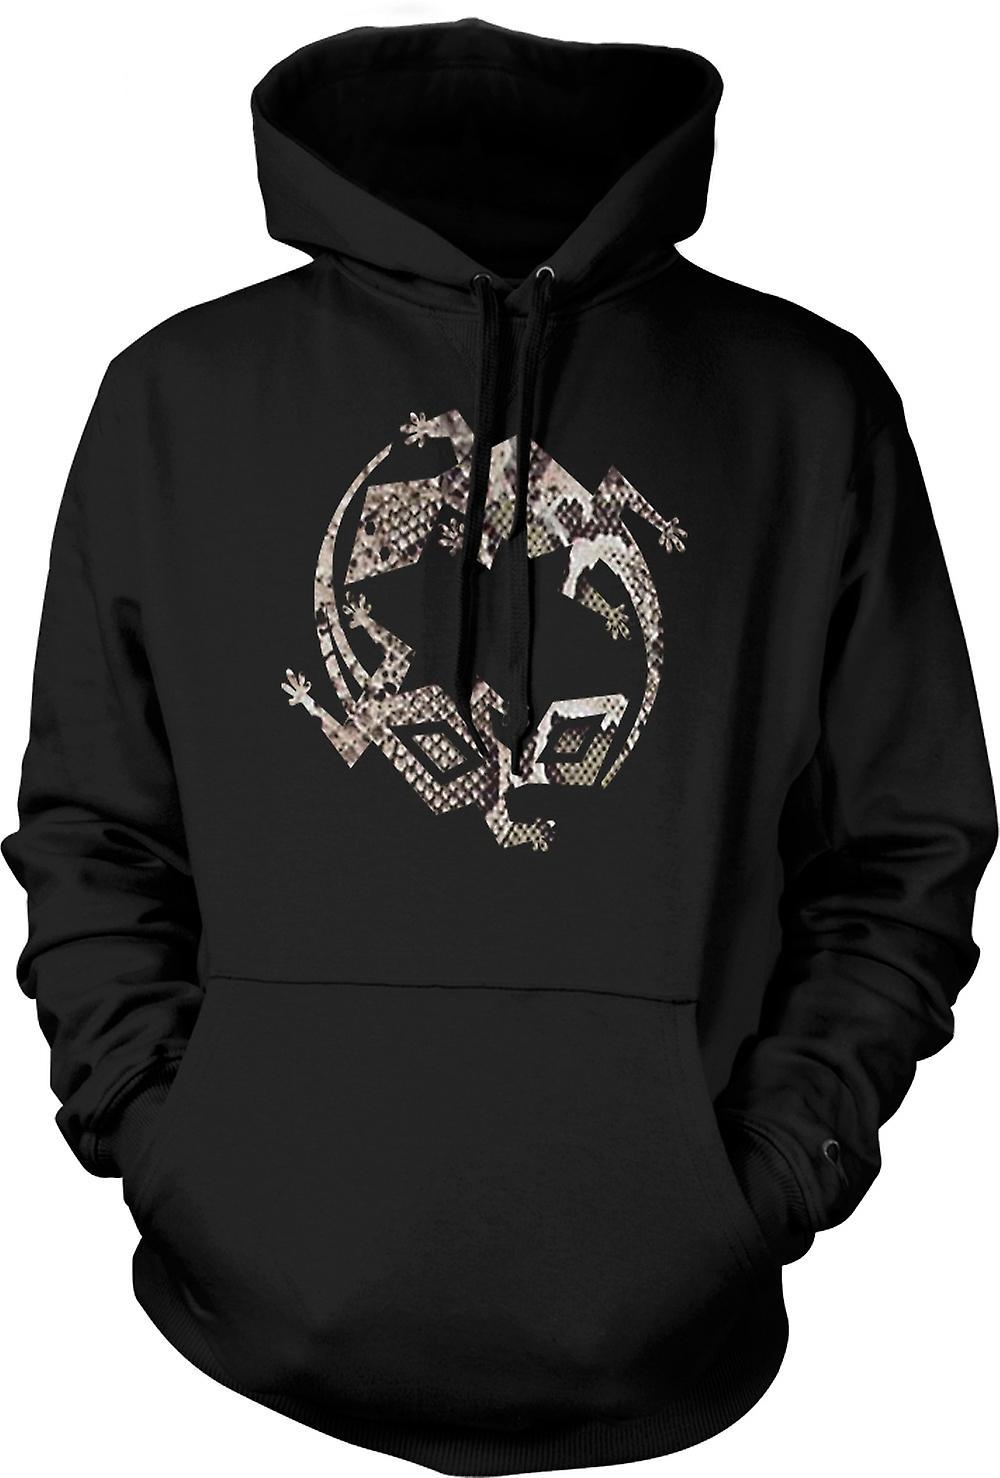 Felpa con cappuccio uomo - lucertola e simbolo di Gecko - pelle di serpente